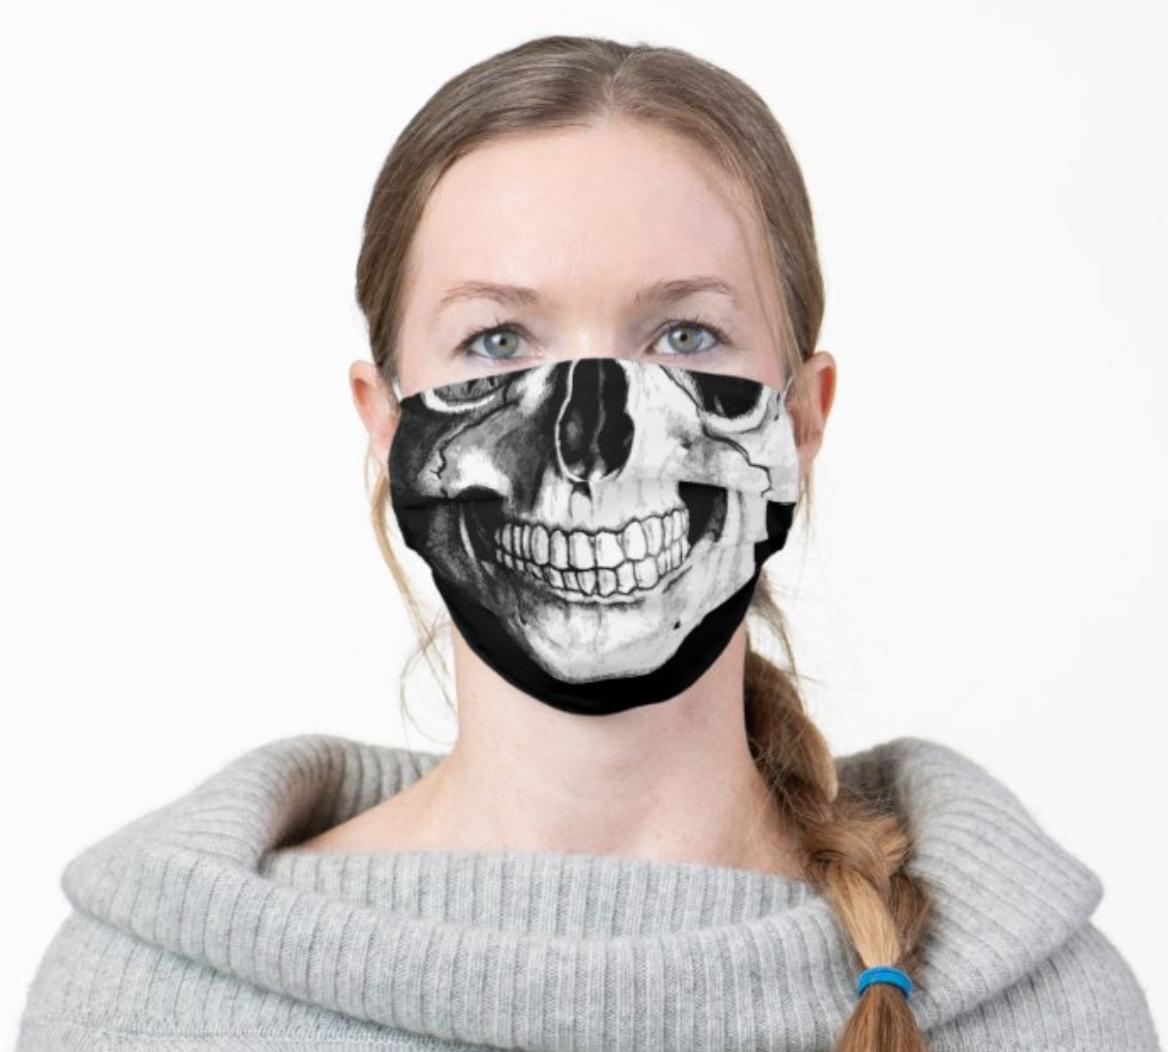 Simple Halloween Masks.Pin On Halloween Makeup Costume Ideas